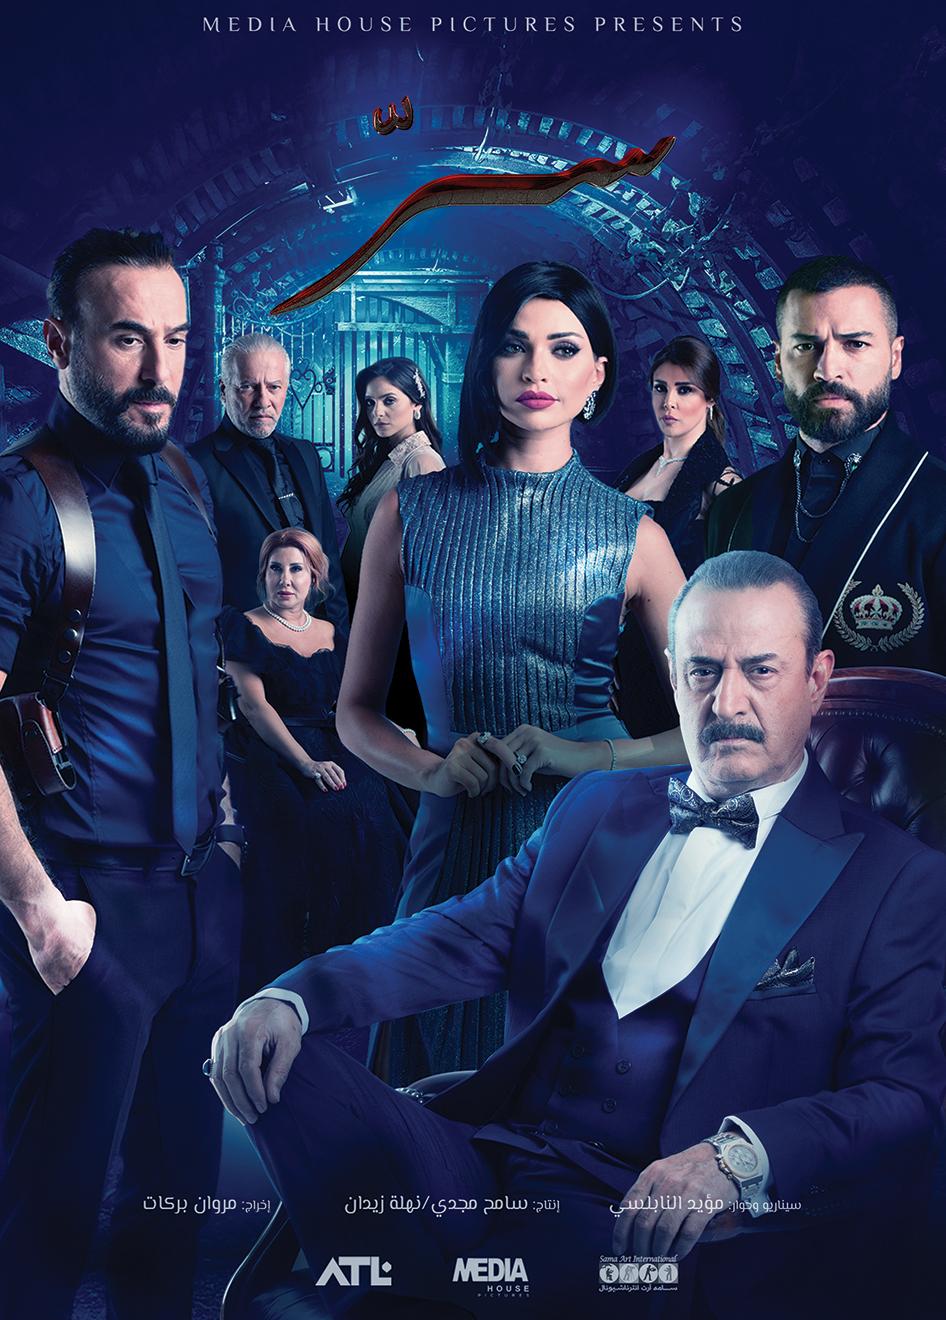 صورة مسلسل سر يحقق نجاحا كبيرا مع بداية العرض